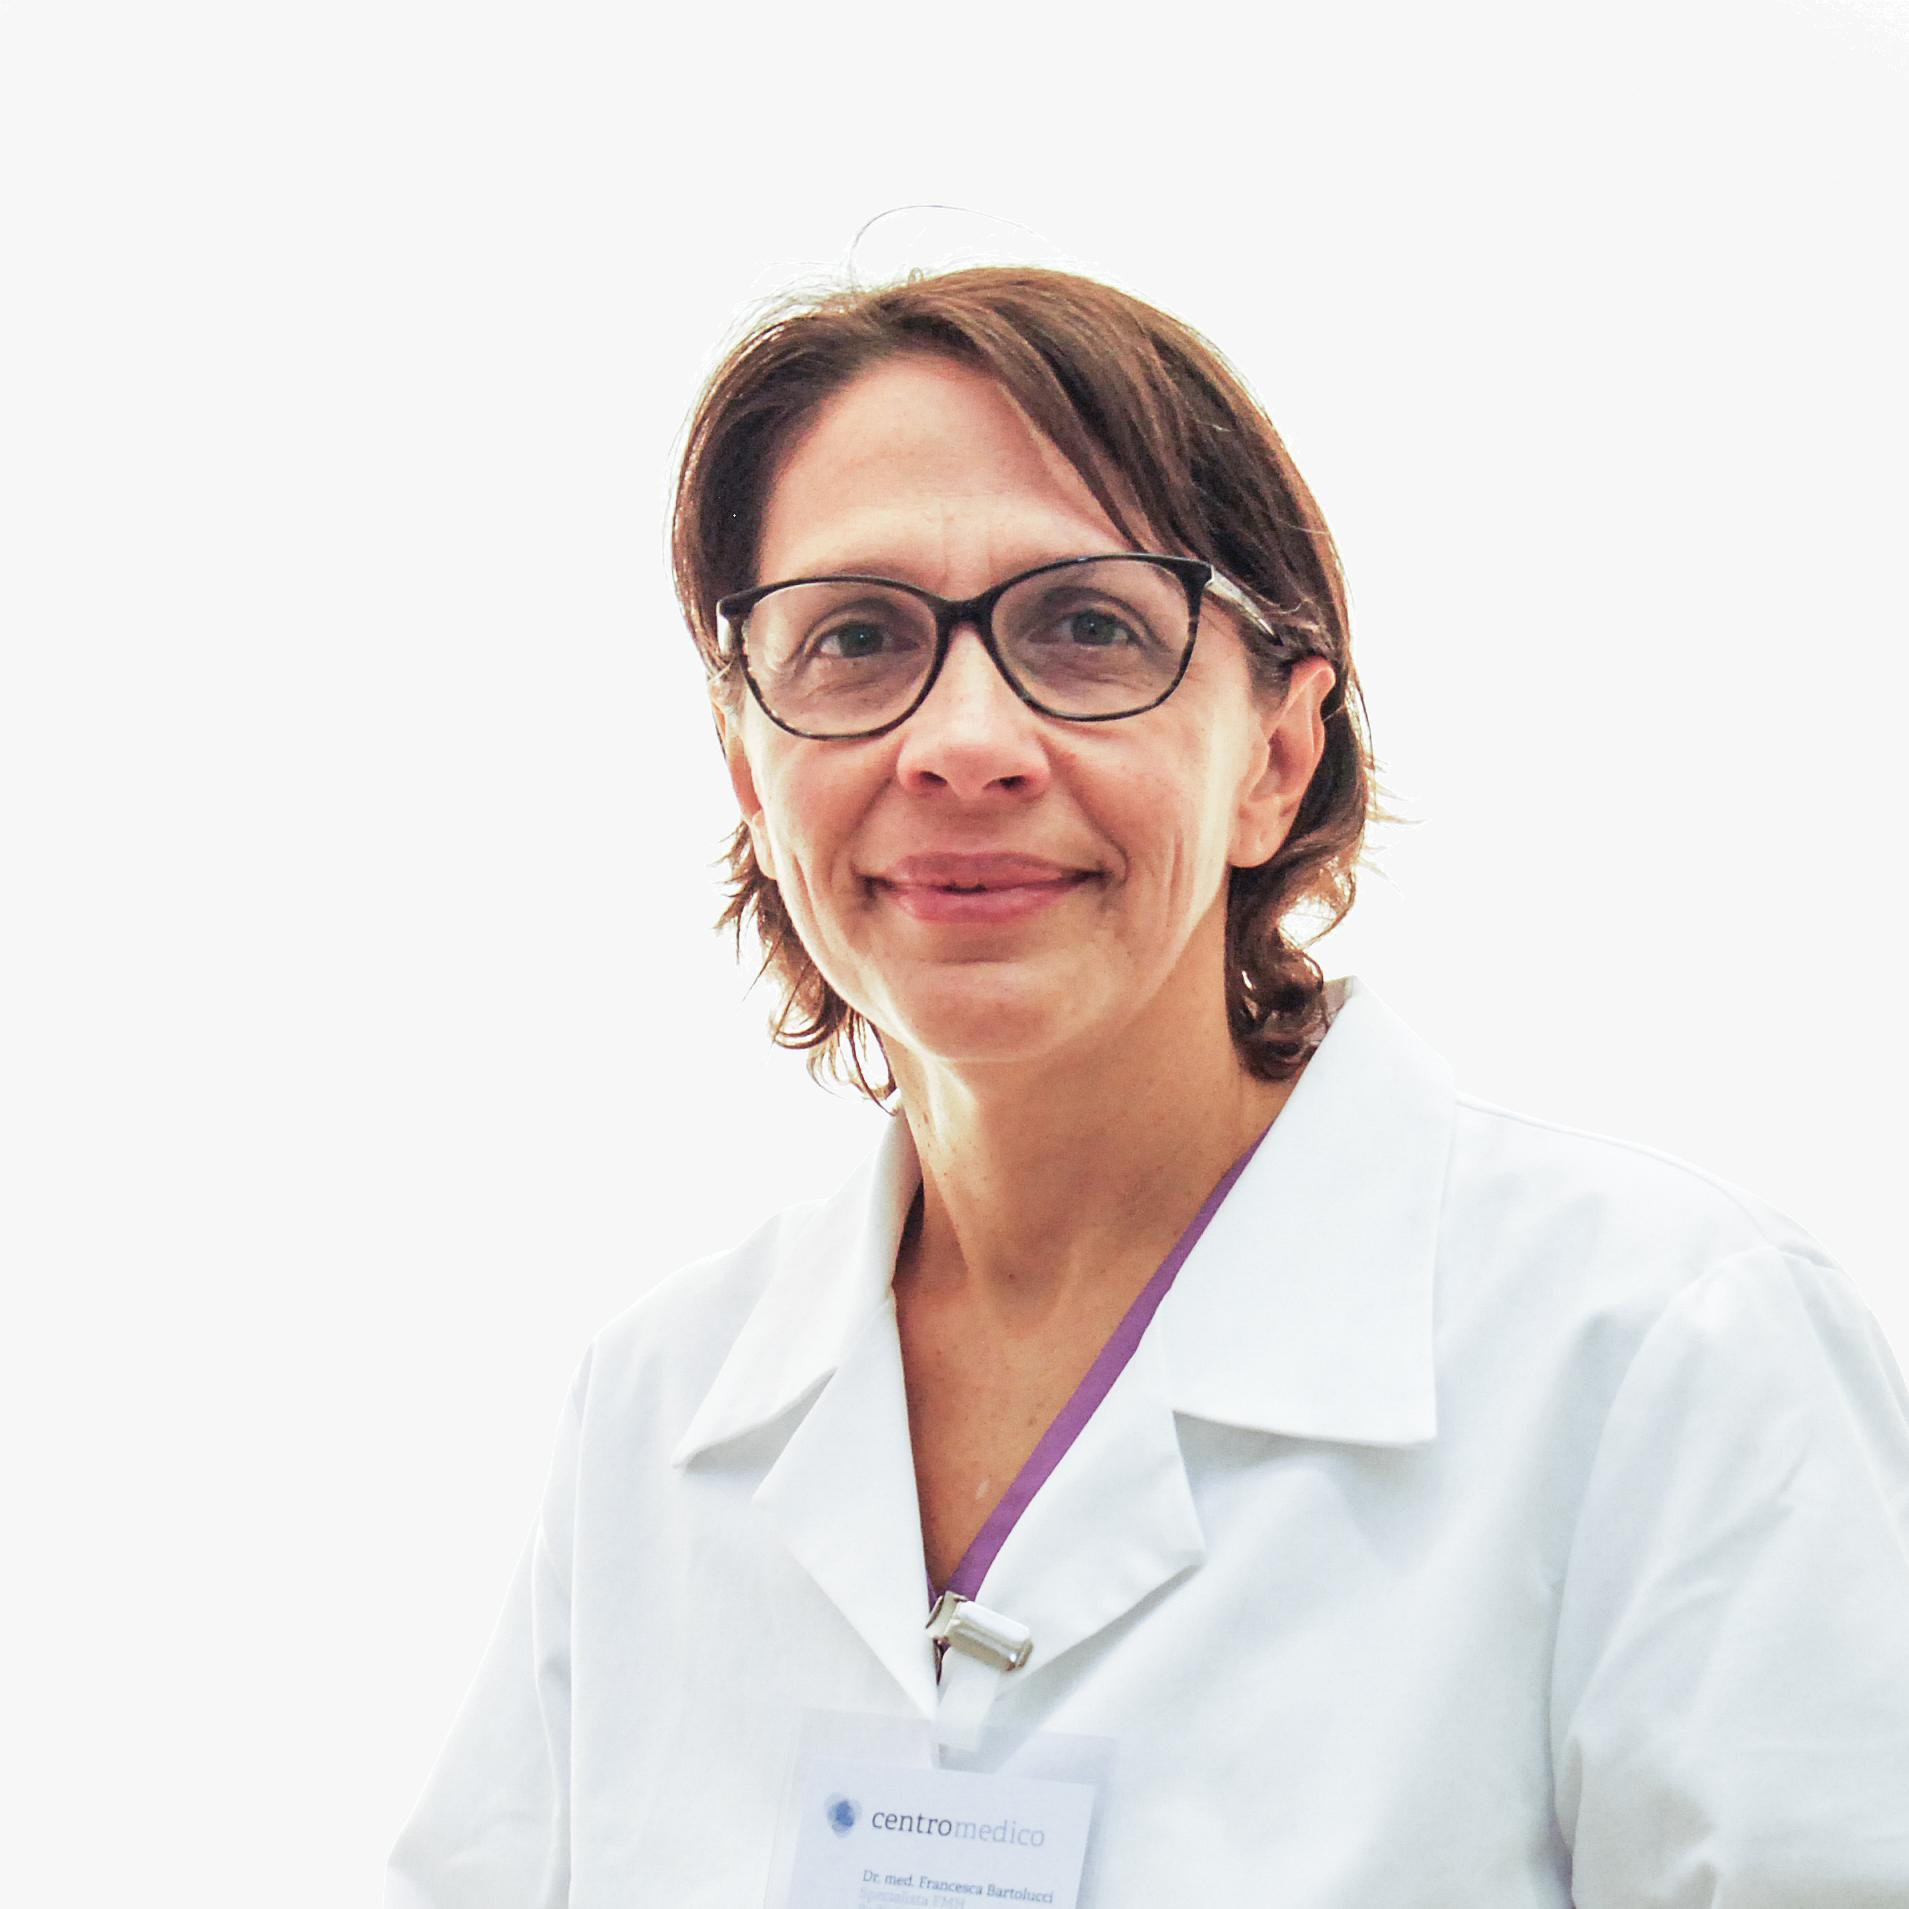 Dr.ssa Bartolucci-Modifica